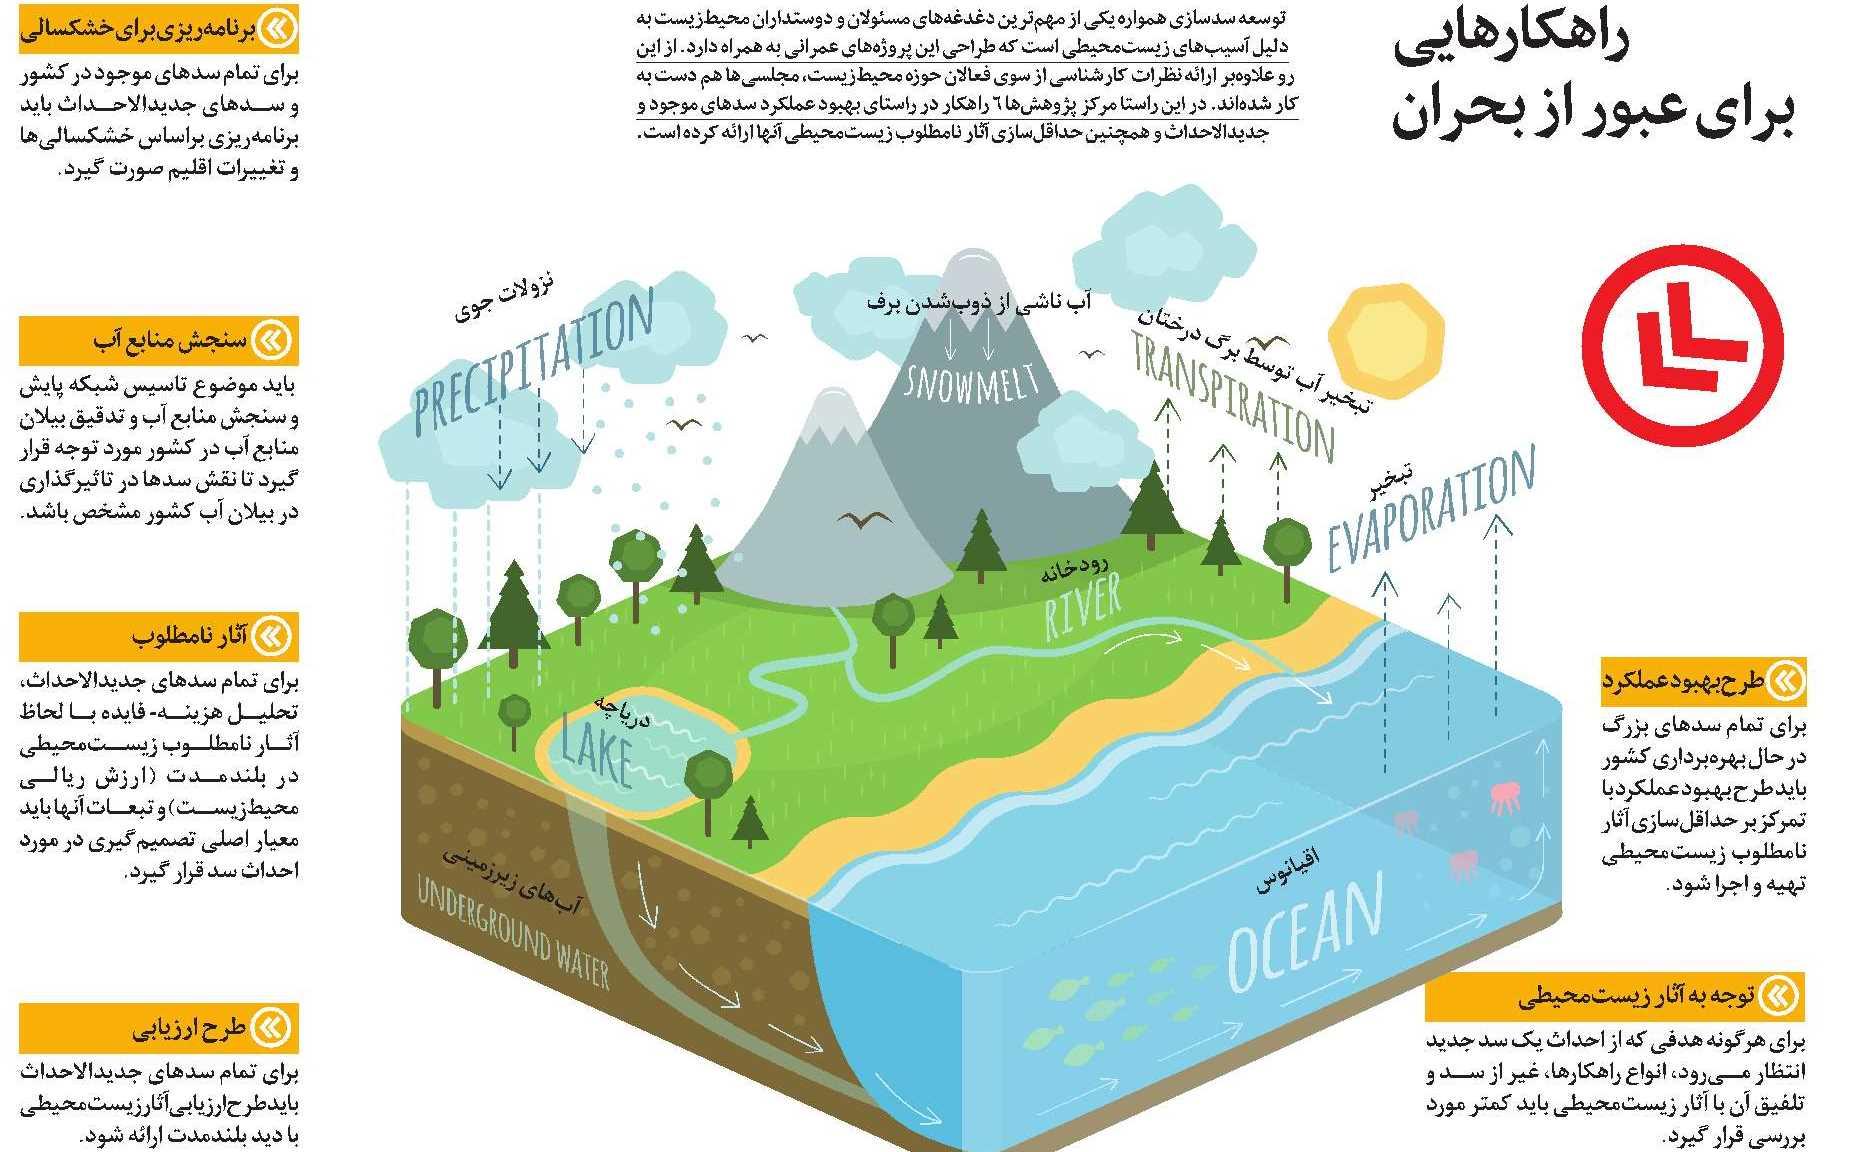 اینفوگرافی خشکسالی در ایران و بارندگی